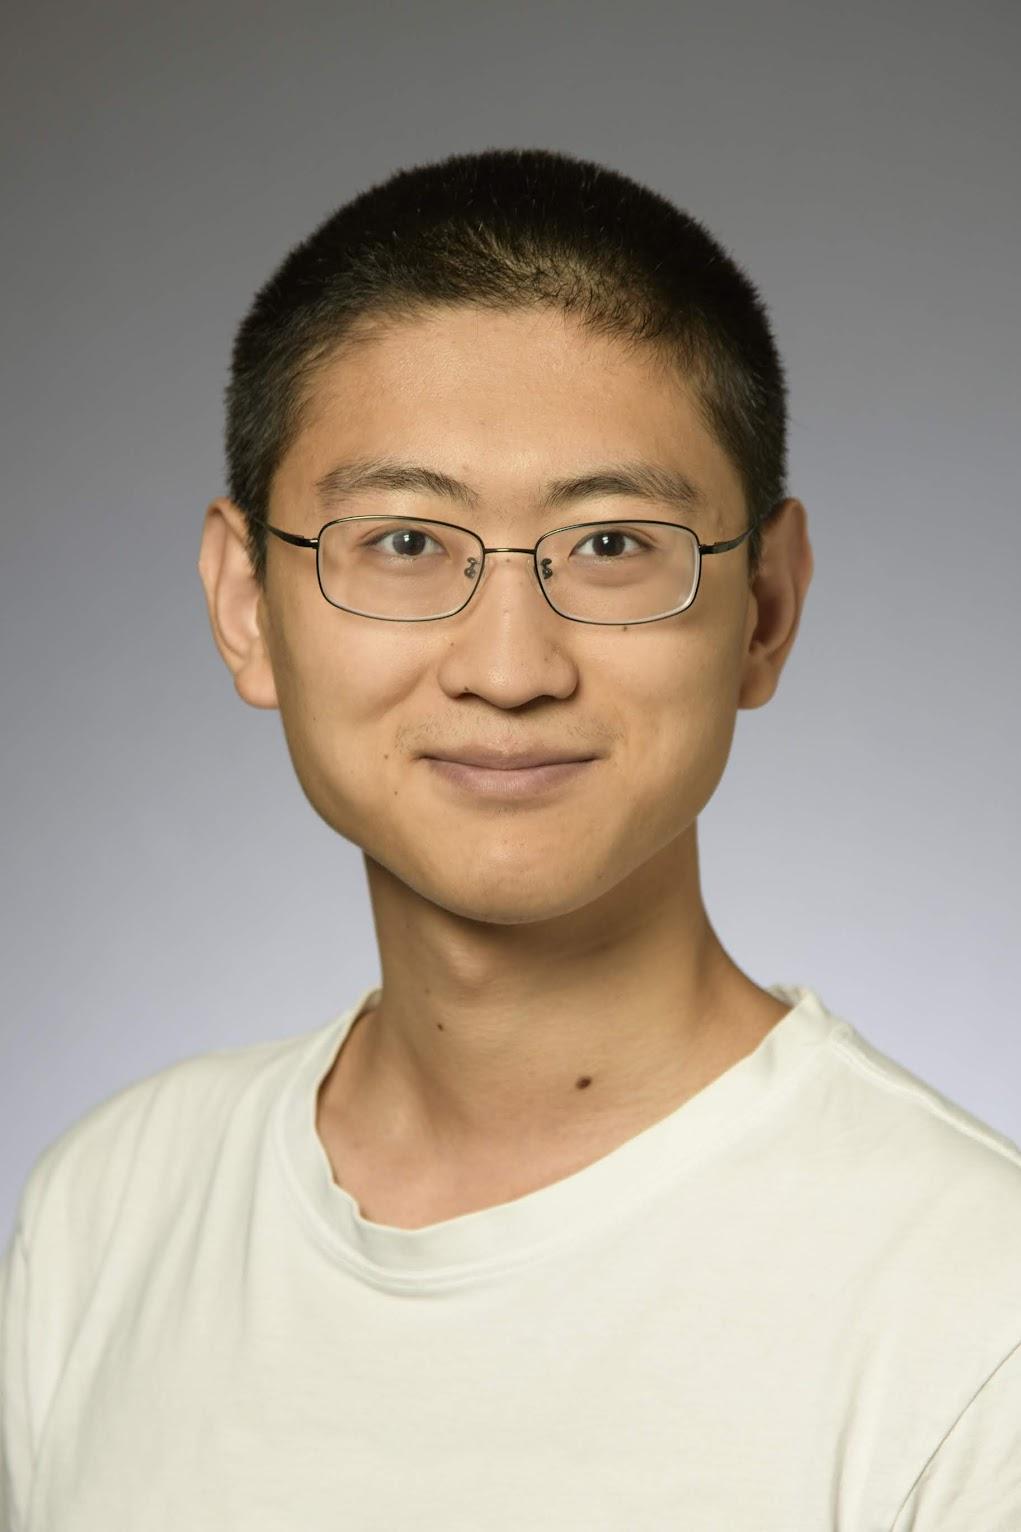 Zhengzong Liang